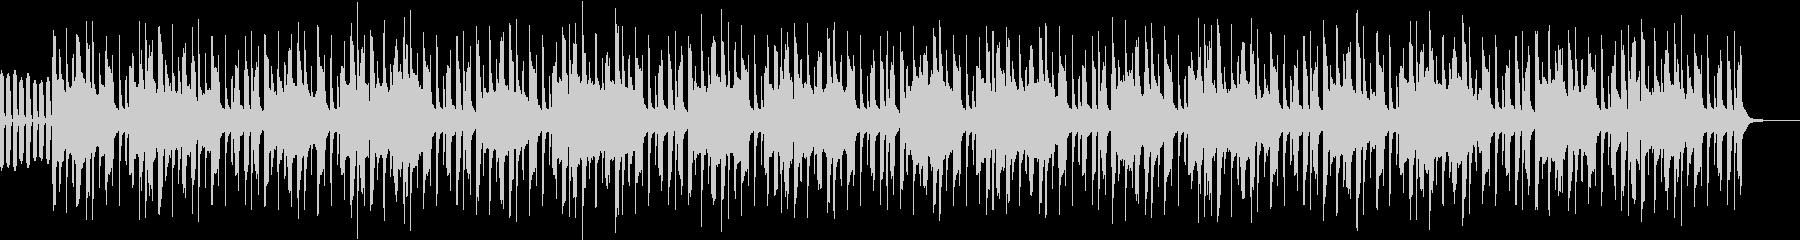 サイファービート2の未再生の波形